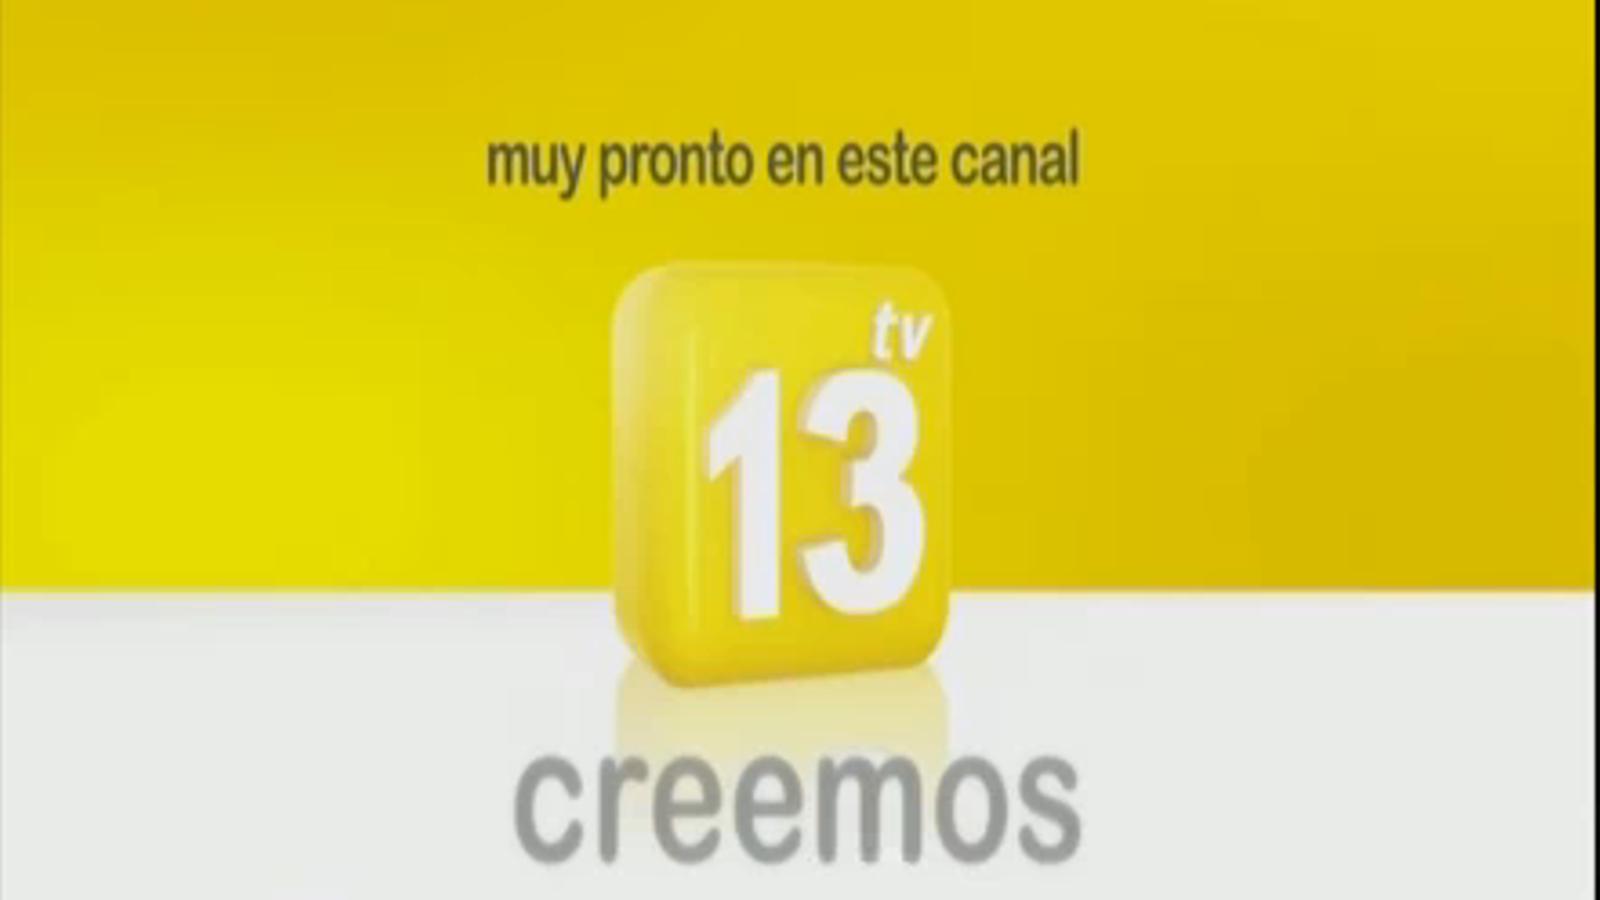 Vídeo de presentació de 13 TV